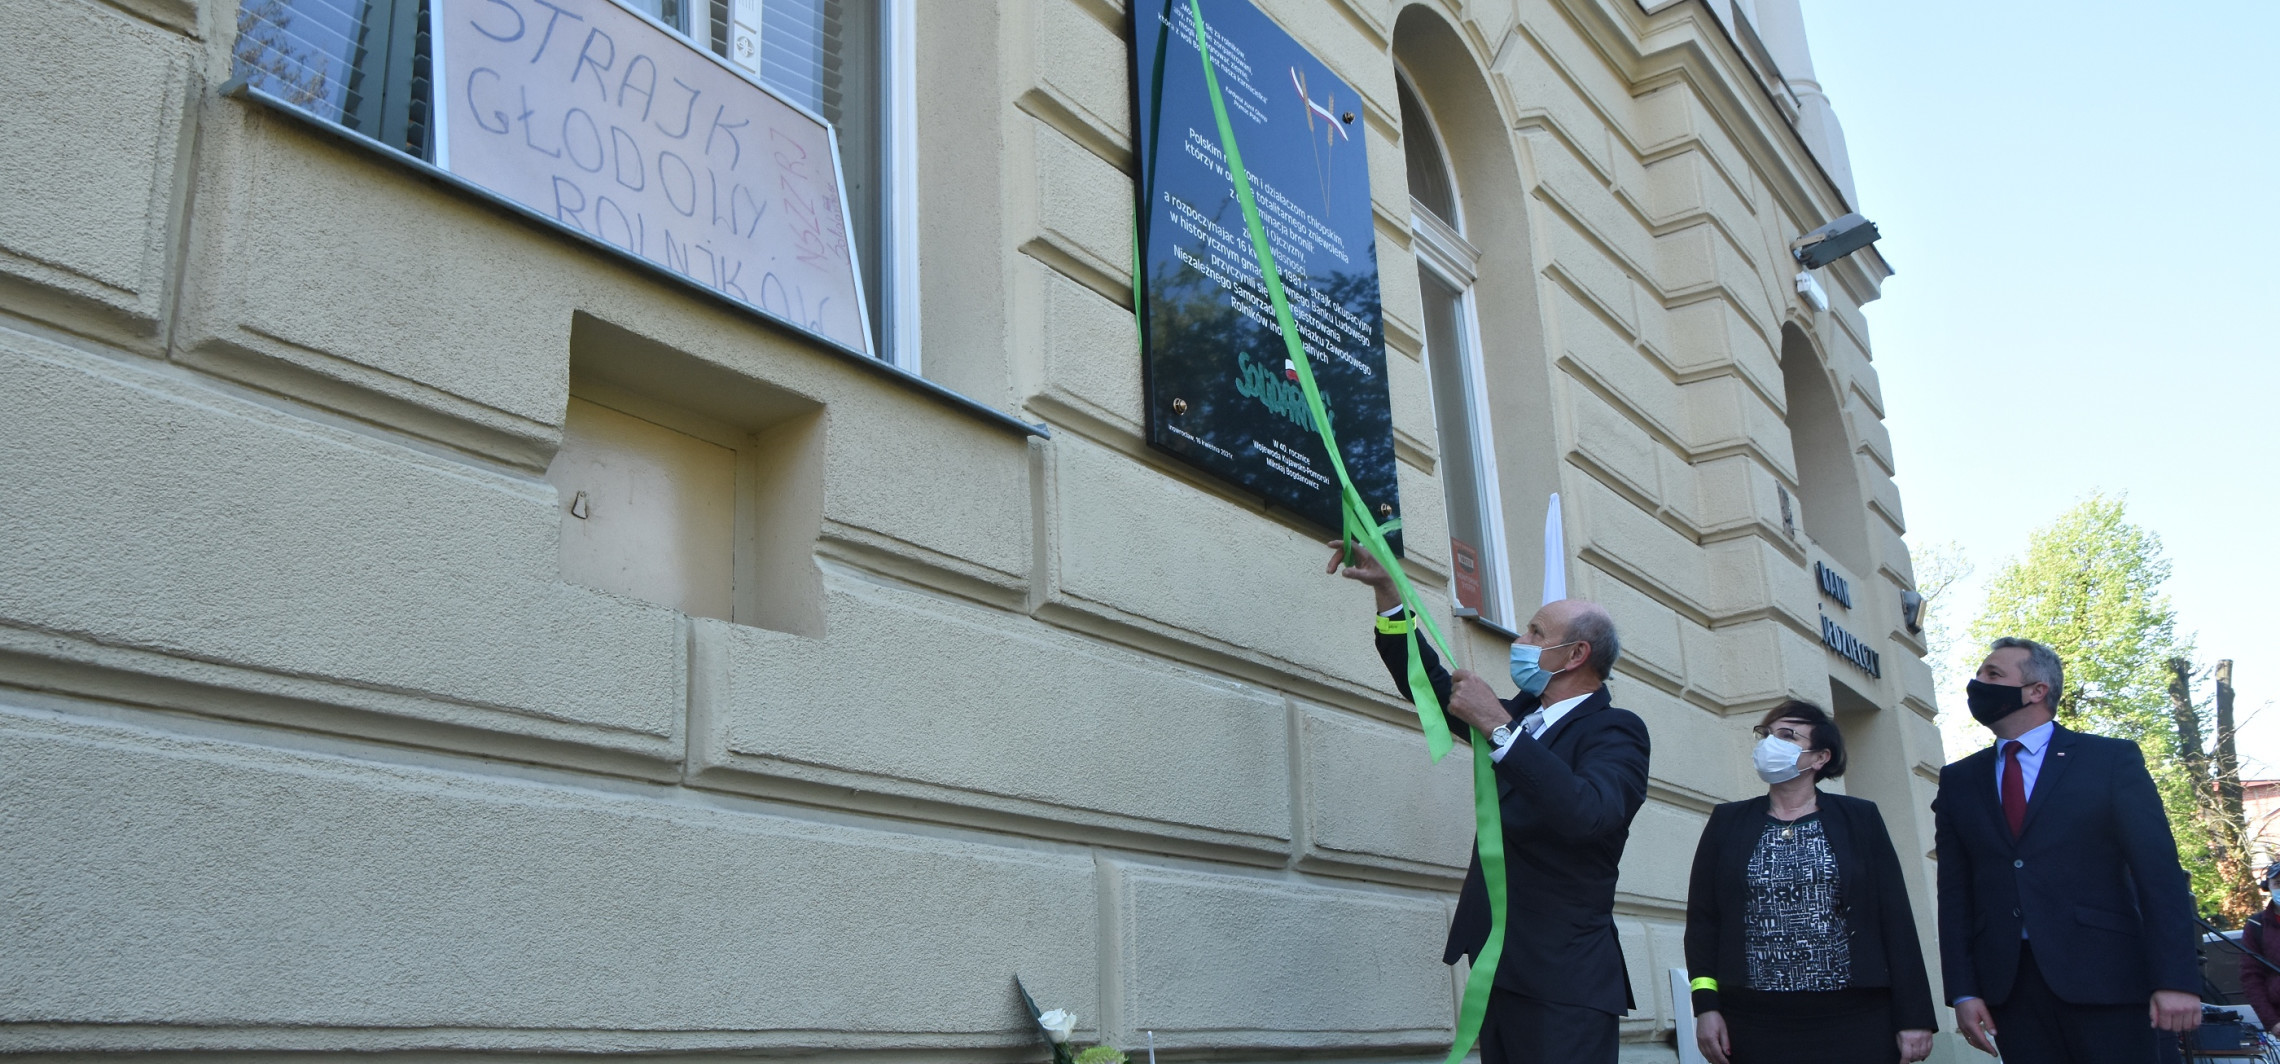 Inowrocław - Odsłonięto tablicę upamiętniającą strajk rolników